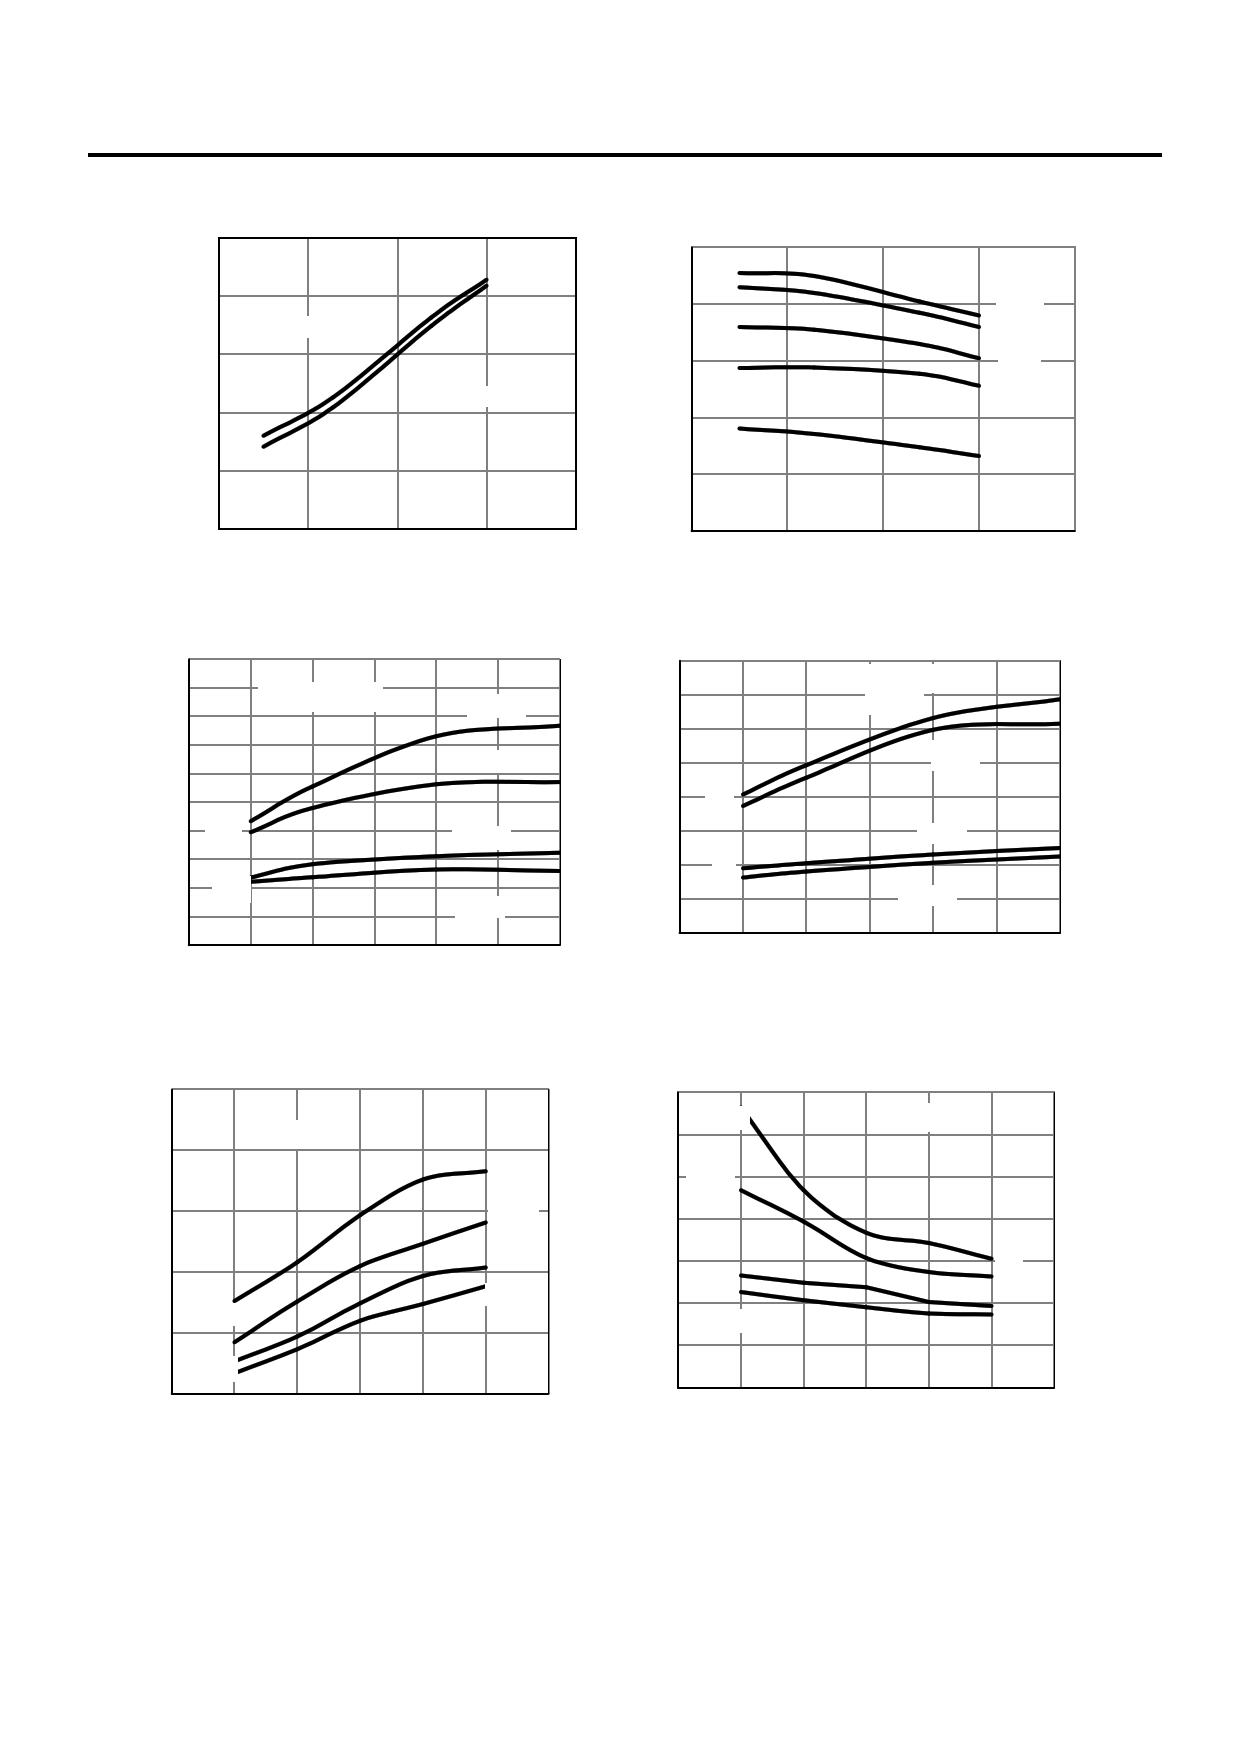 AO4708 pdf, arduino